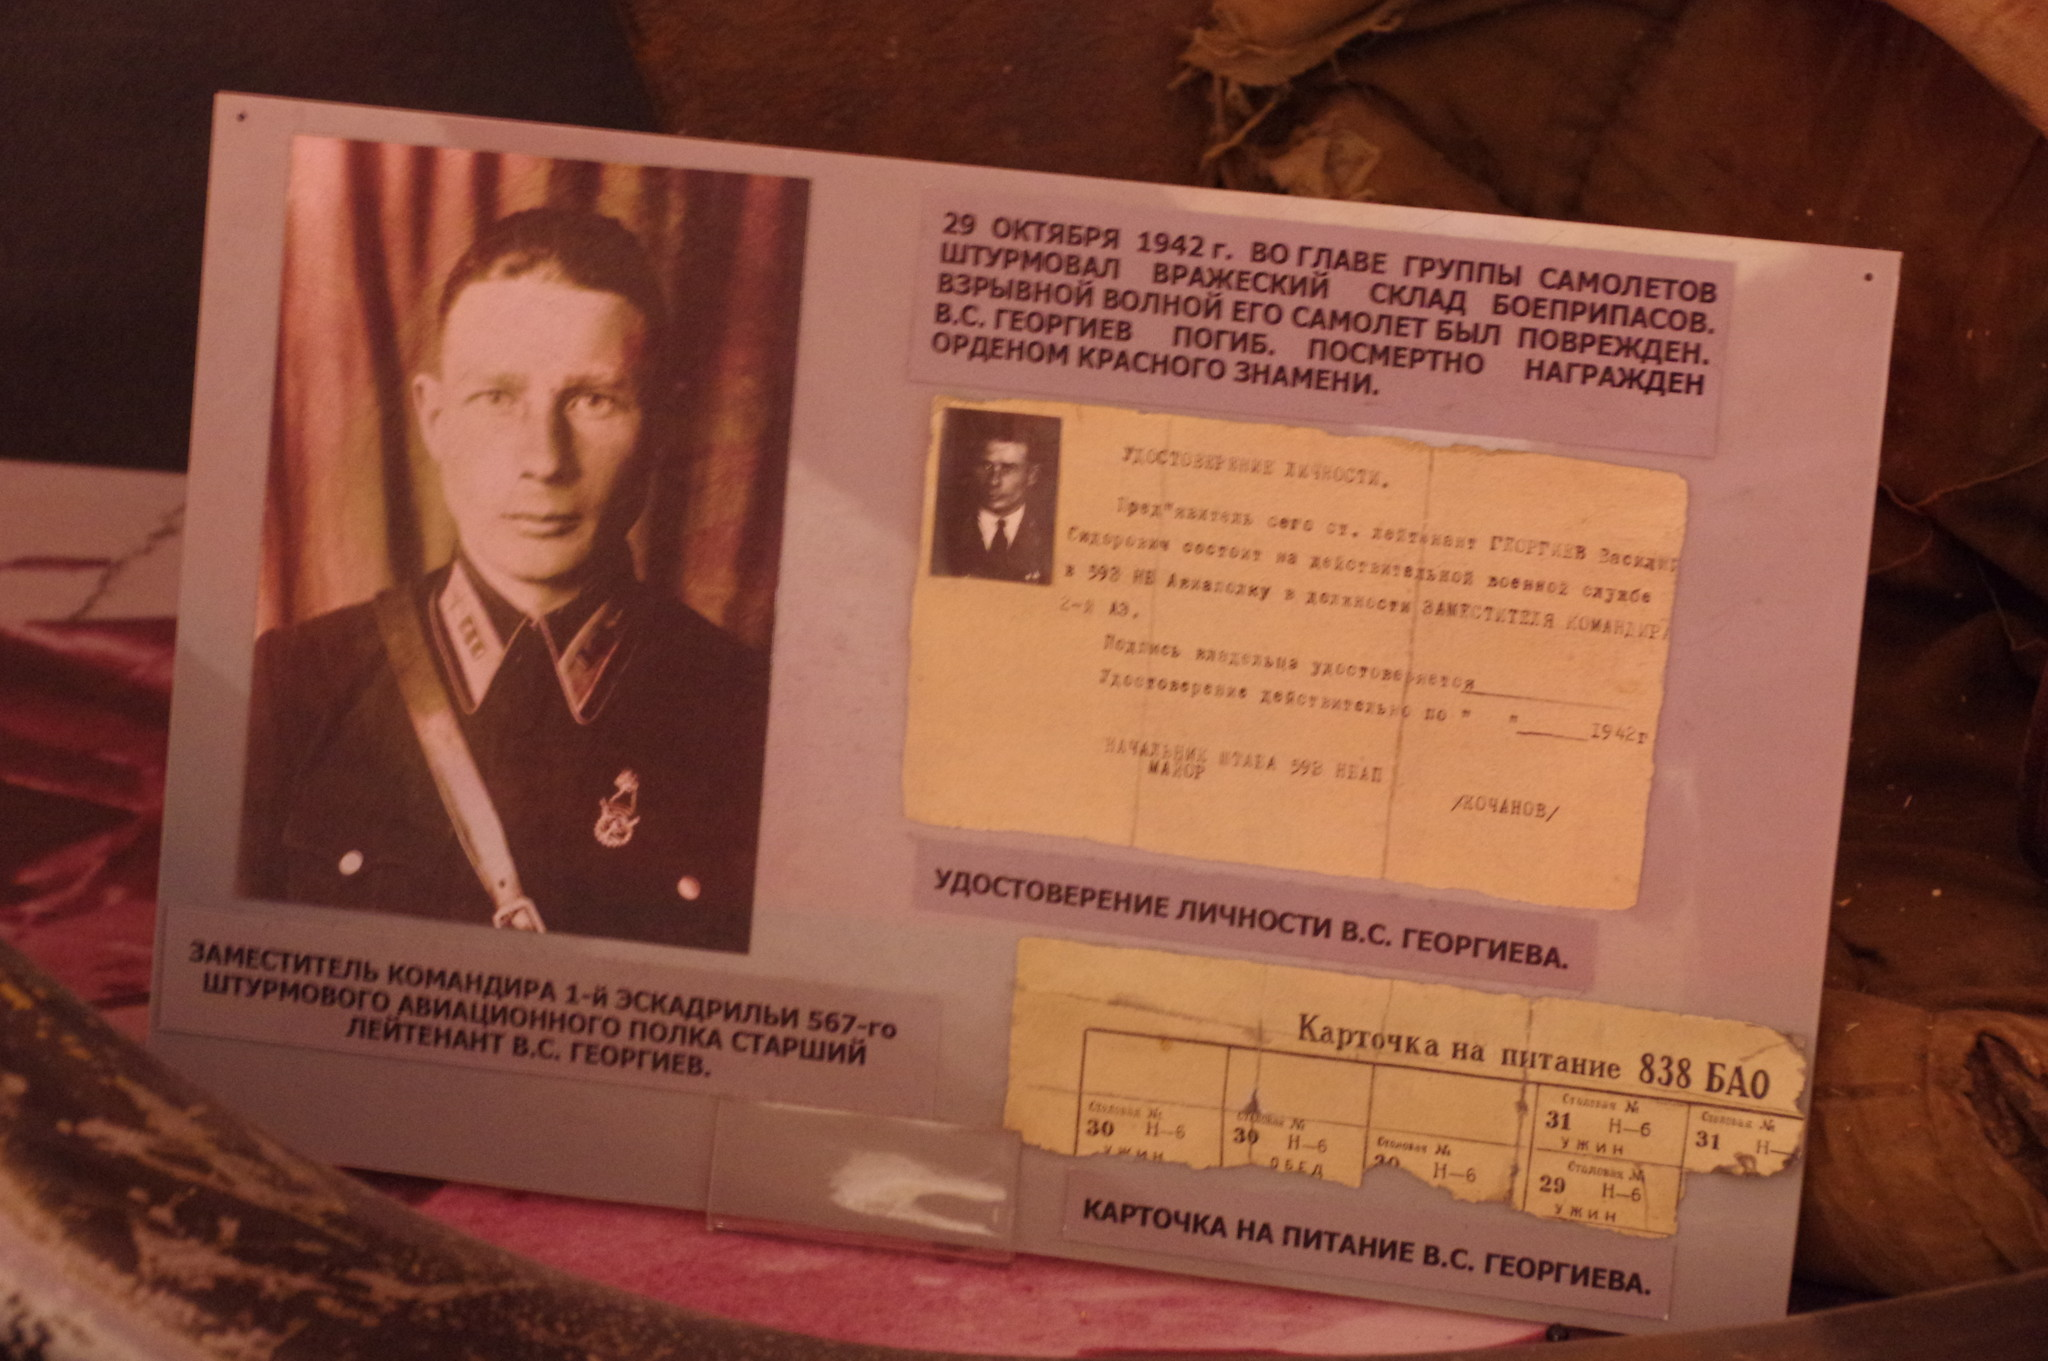 Заместитель командира эскадрильи 567-го штурмового авиационного полка старший лейтенант В.С. Георгиев